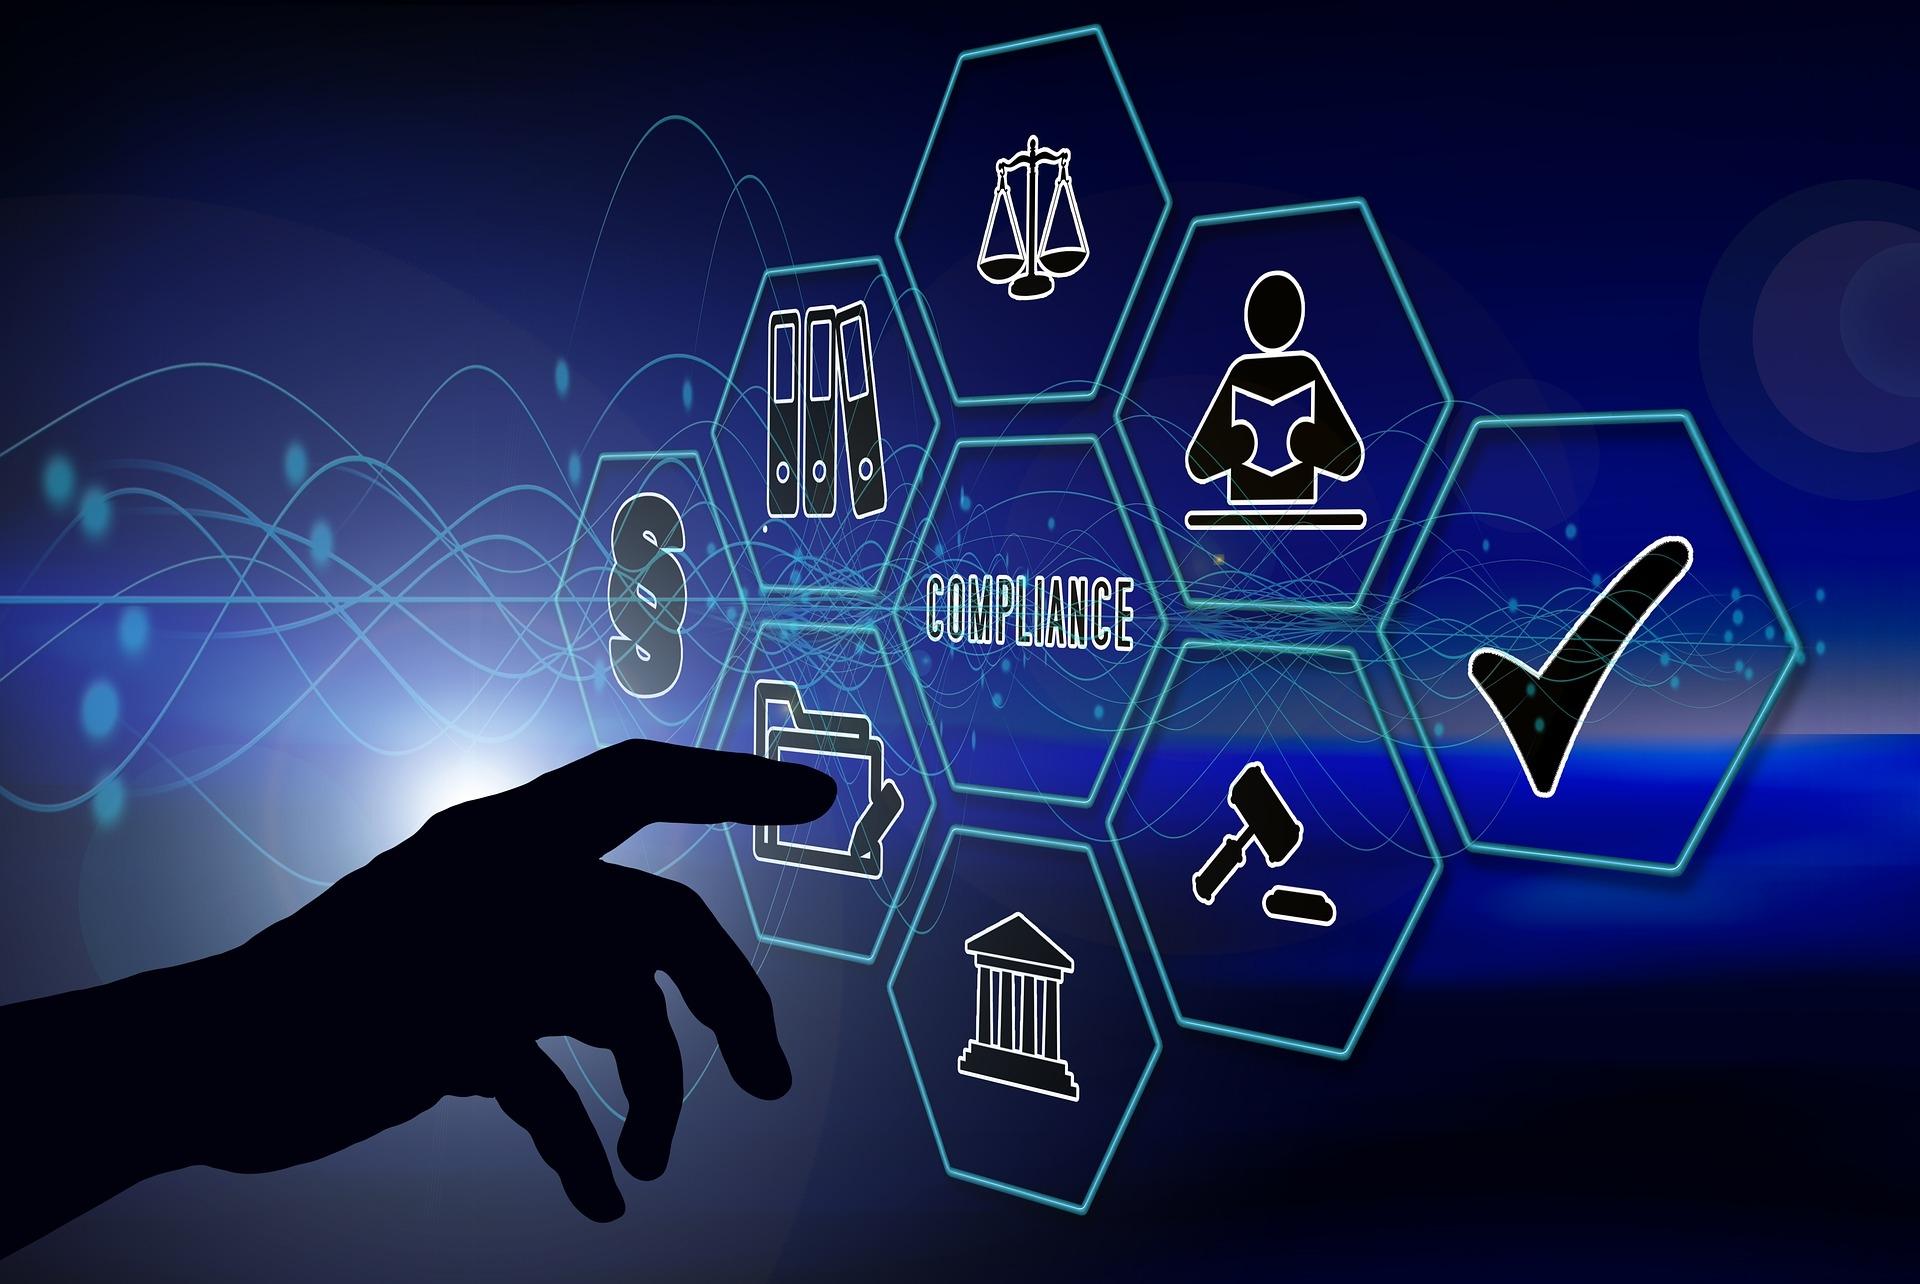 Managementsteun voorwaardelijk voor informatiebeveiliging